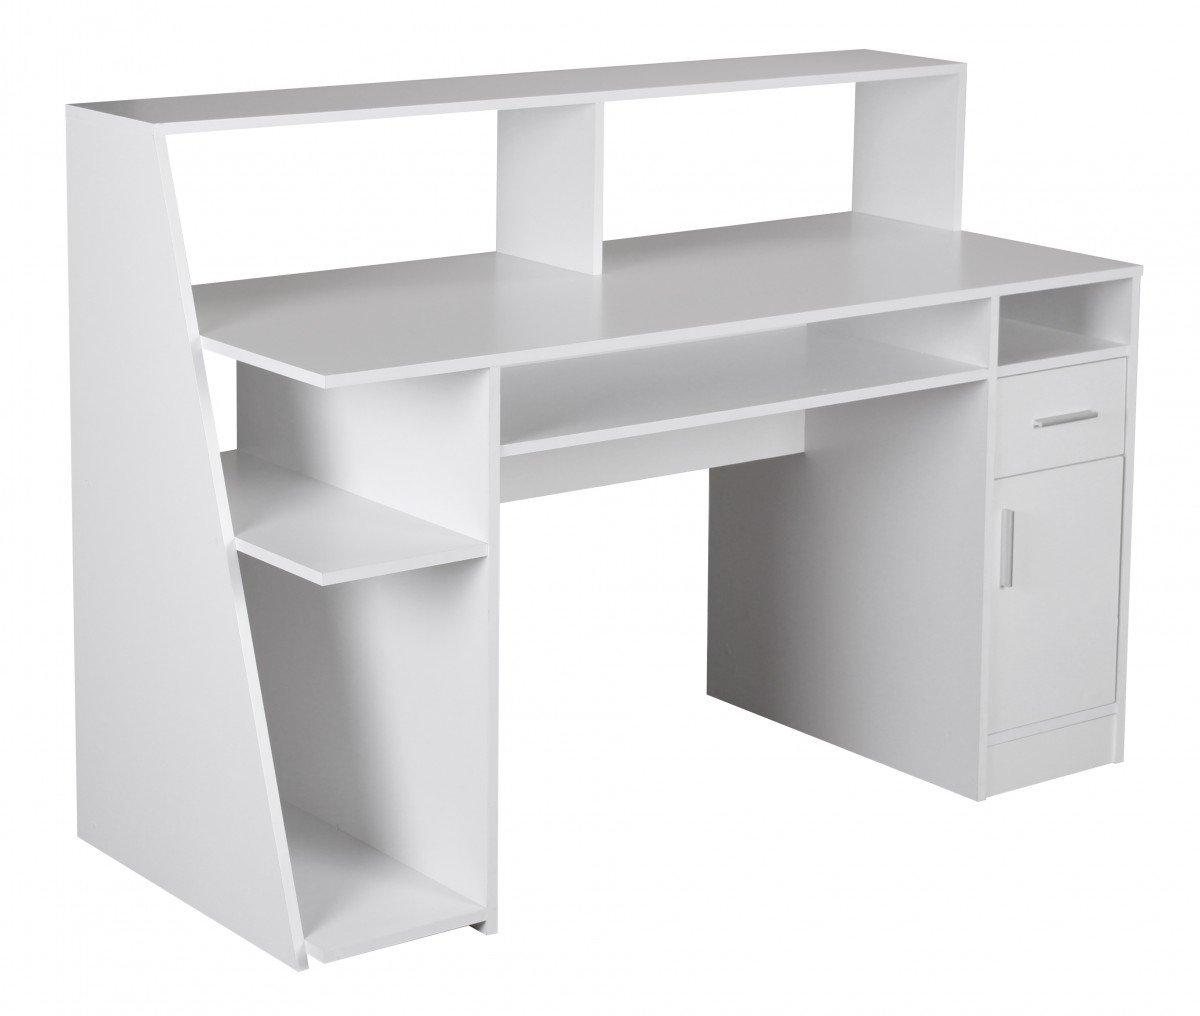 WOHNLING Multifunktion Design Schreibtisch Computertisch Weiß Ablage  Bürotisch Schubladen Mit Regal Kinderschreibtisch Büro Möbel Modern  Büroeinrichtung ...